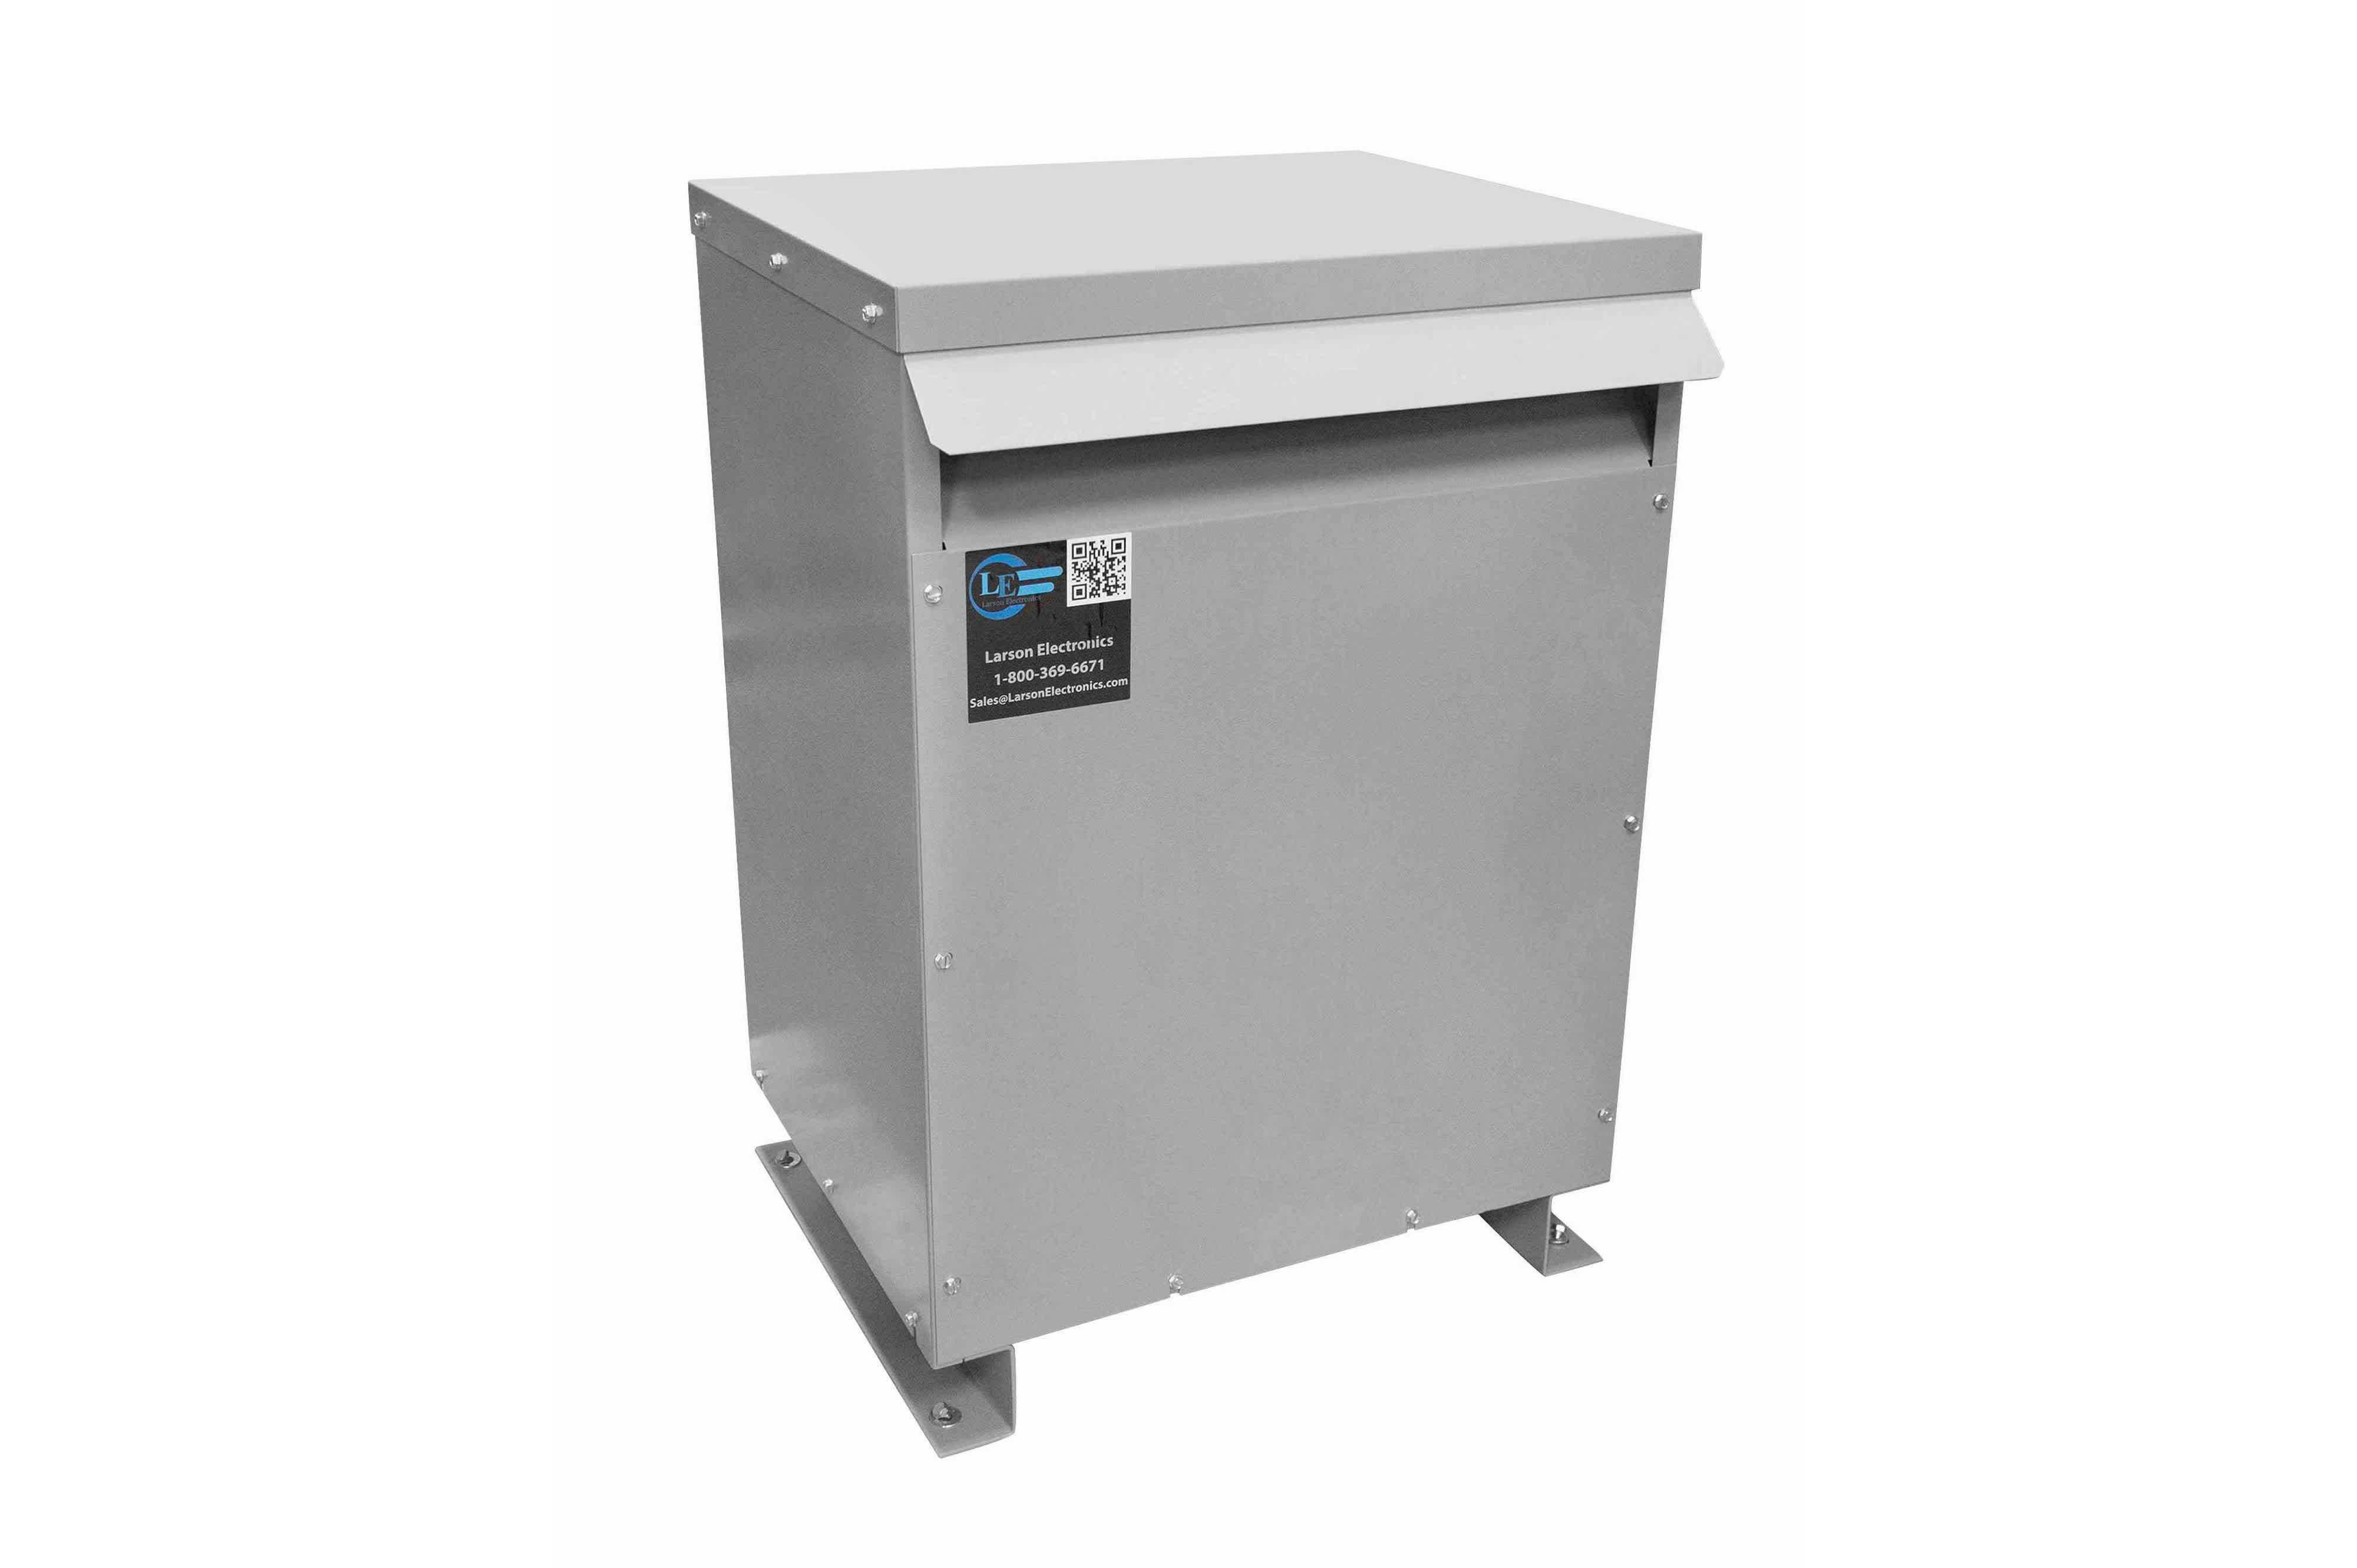 15 kVA 3PH DOE Transformer, 440V Delta Primary, 240V/120 Delta Secondary, N3R, Ventilated, 60 Hz